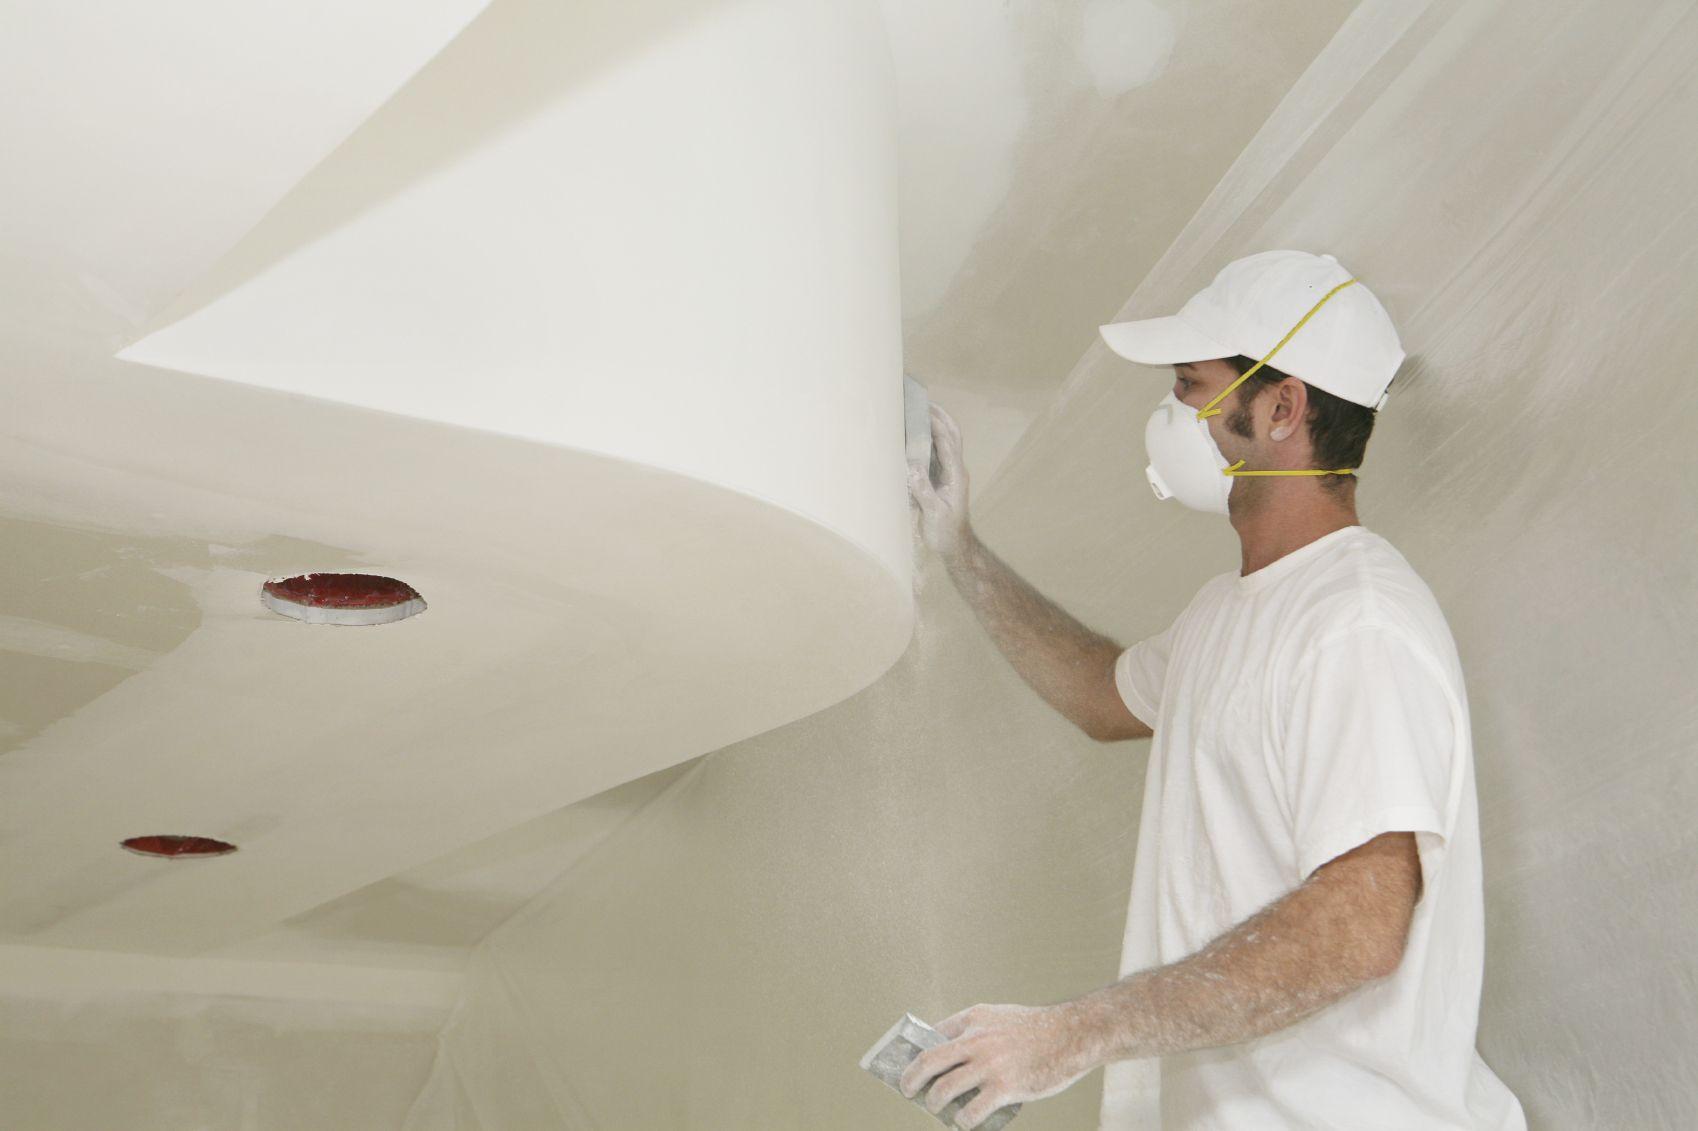 Drywall Repair Service in Drywall Repair Service In Drywall Repair Service  in | Drywall repair, Drywall installation, Drywall